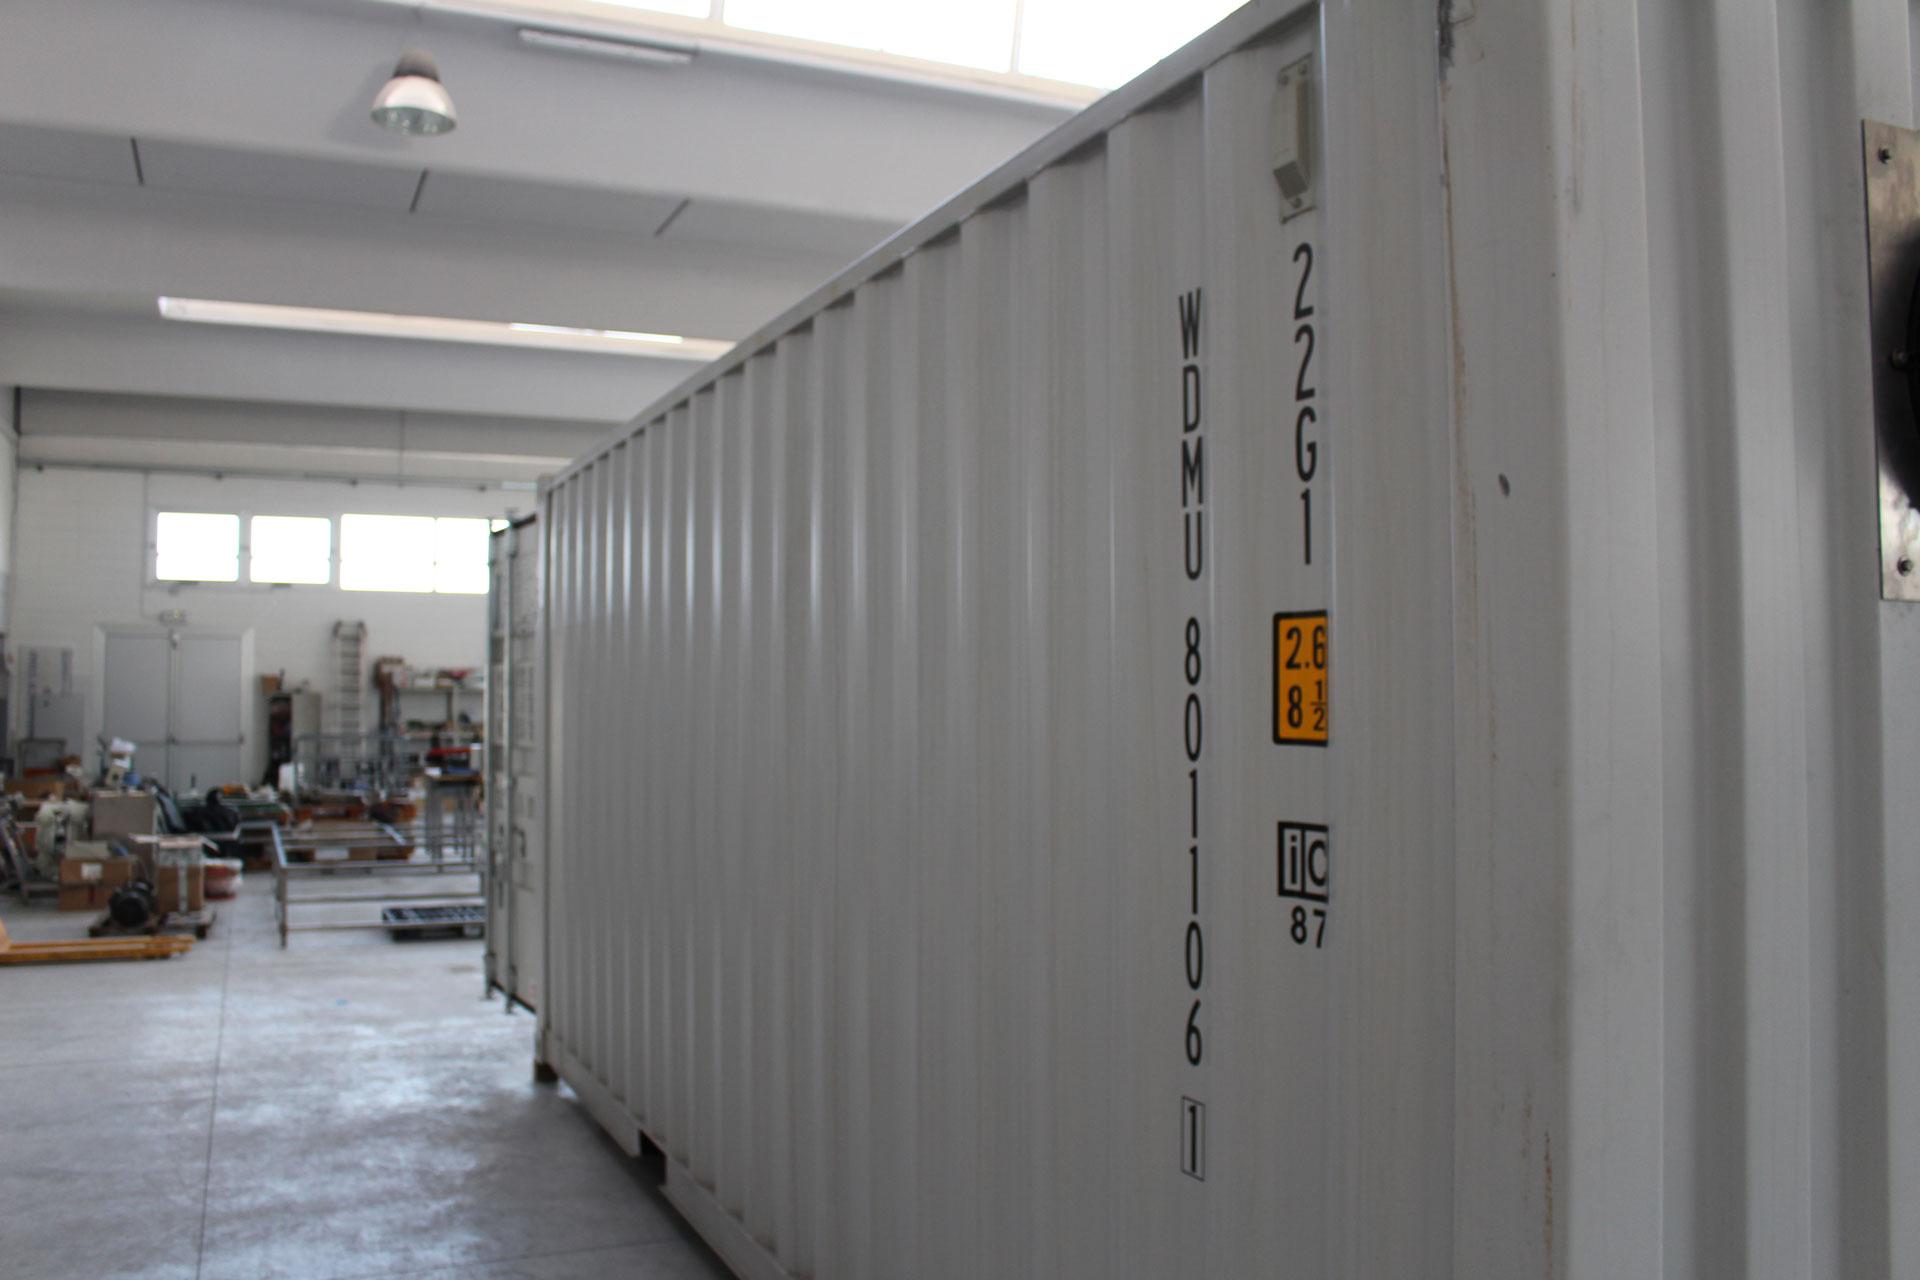 cz trattamento acque - impianti depurazione acqua filtrazione addolcimento osmosi inversa impianti container 2